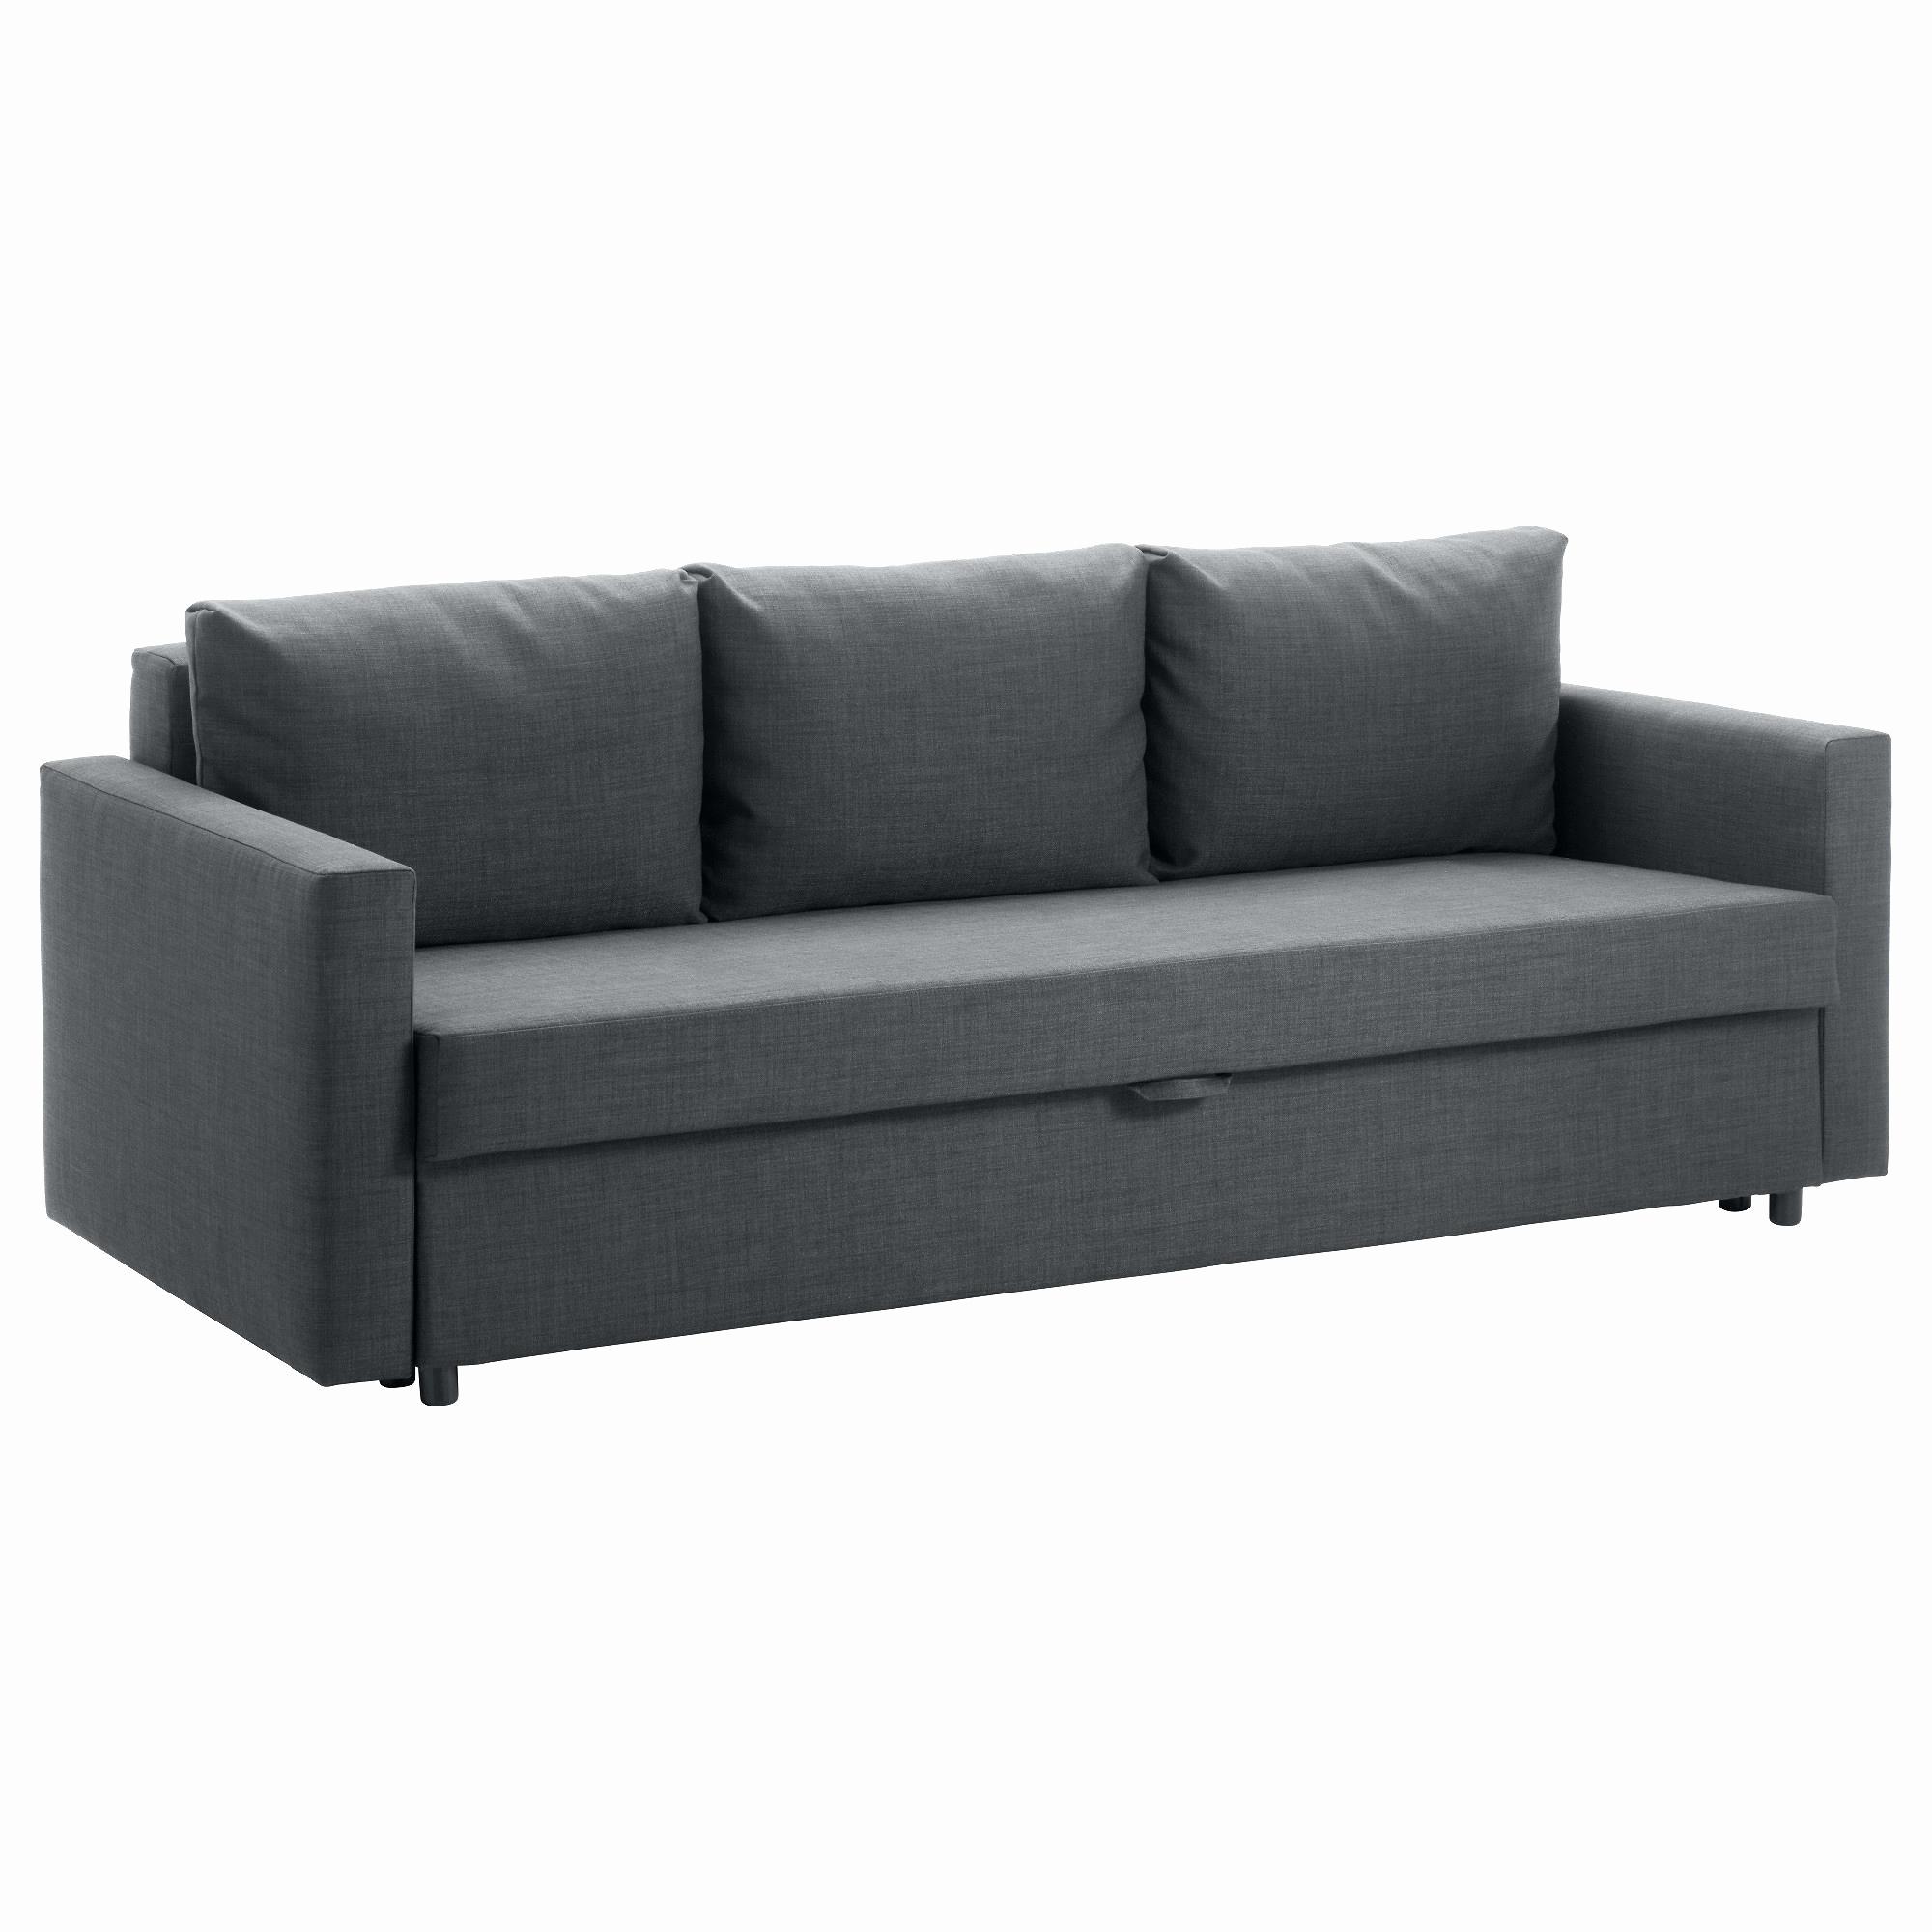 canape convertible alinea unique stock canap cuir 3 places trouvez les meilleurs prix avec le. Black Bedroom Furniture Sets. Home Design Ideas